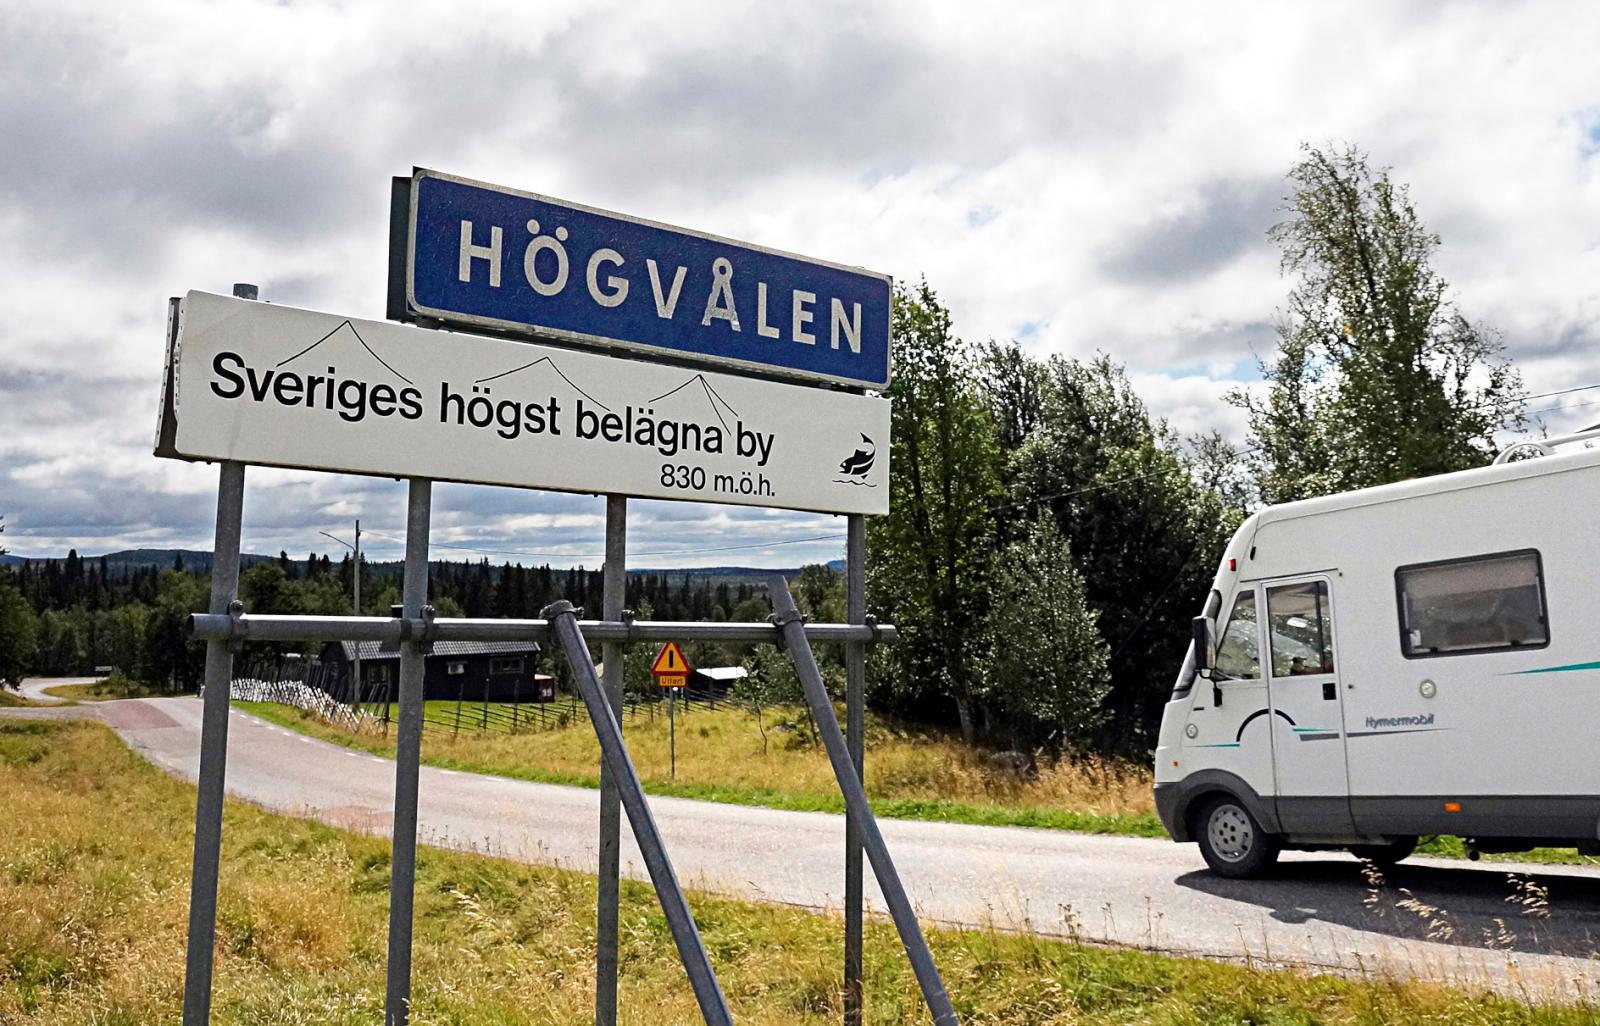 Sveriges högst belägna by, 830 meter över havet. Och by är väl mycket sagt. Det rör sig mer om några spridda gårdar.